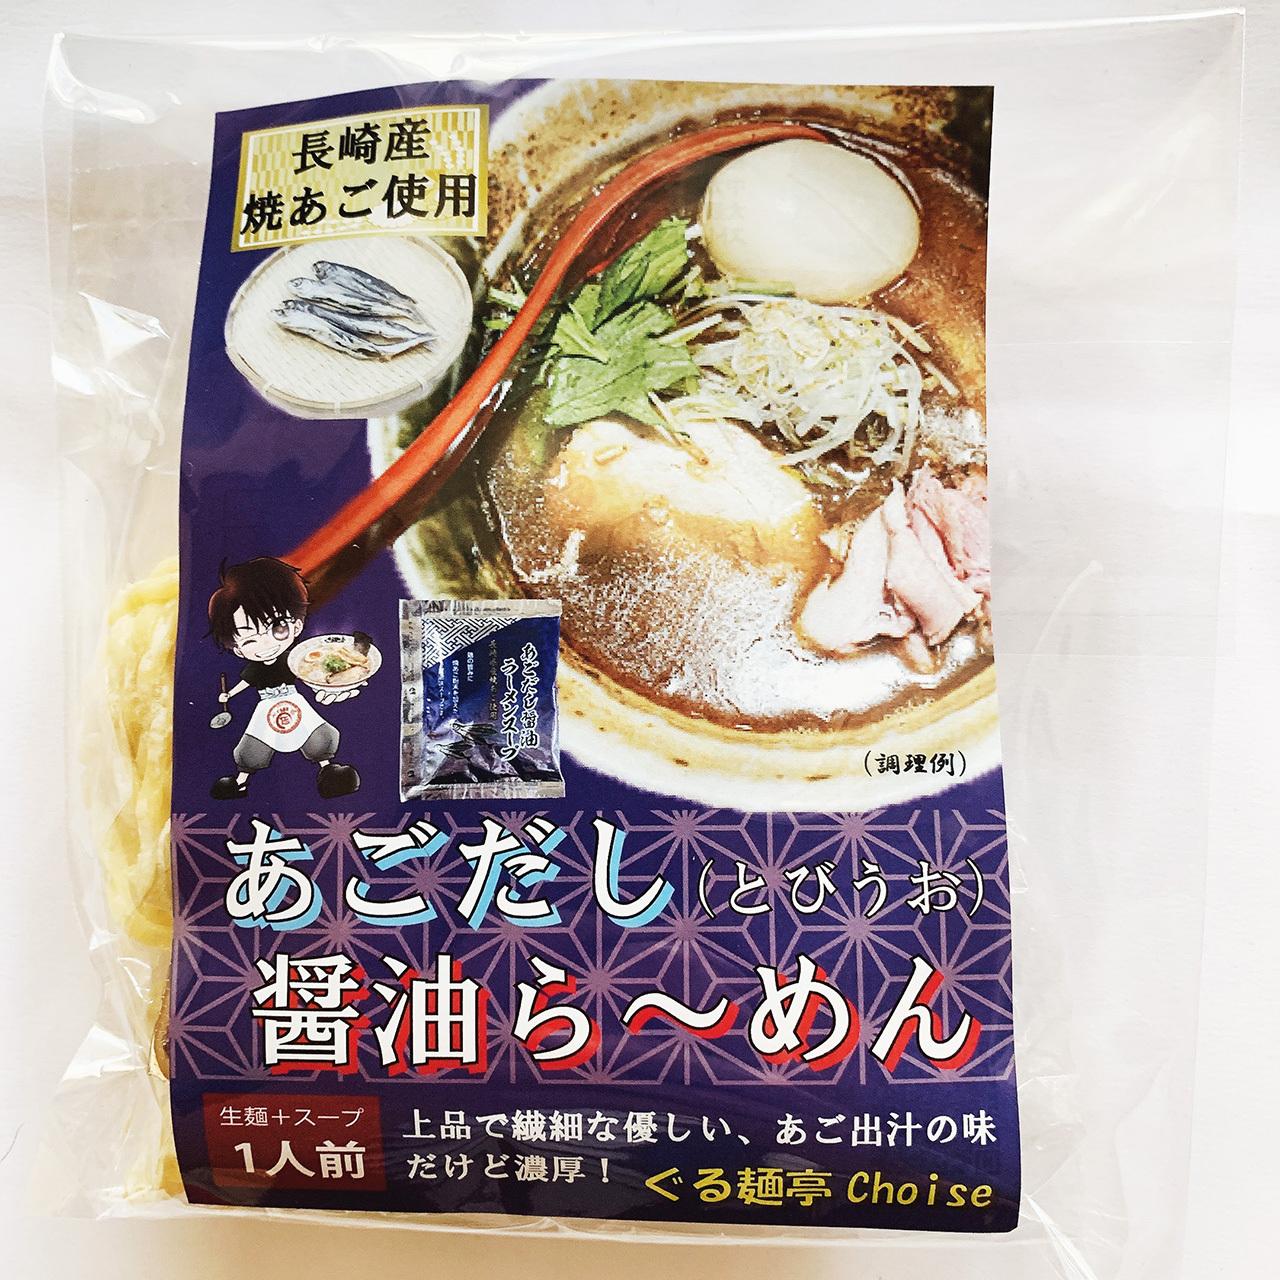 長崎 ご当地ラーメン 焼きあごだし醤油ラーメン 生麺 常温保存 2食(スープ付き) 【送料無料】 ぐる麺亭choice